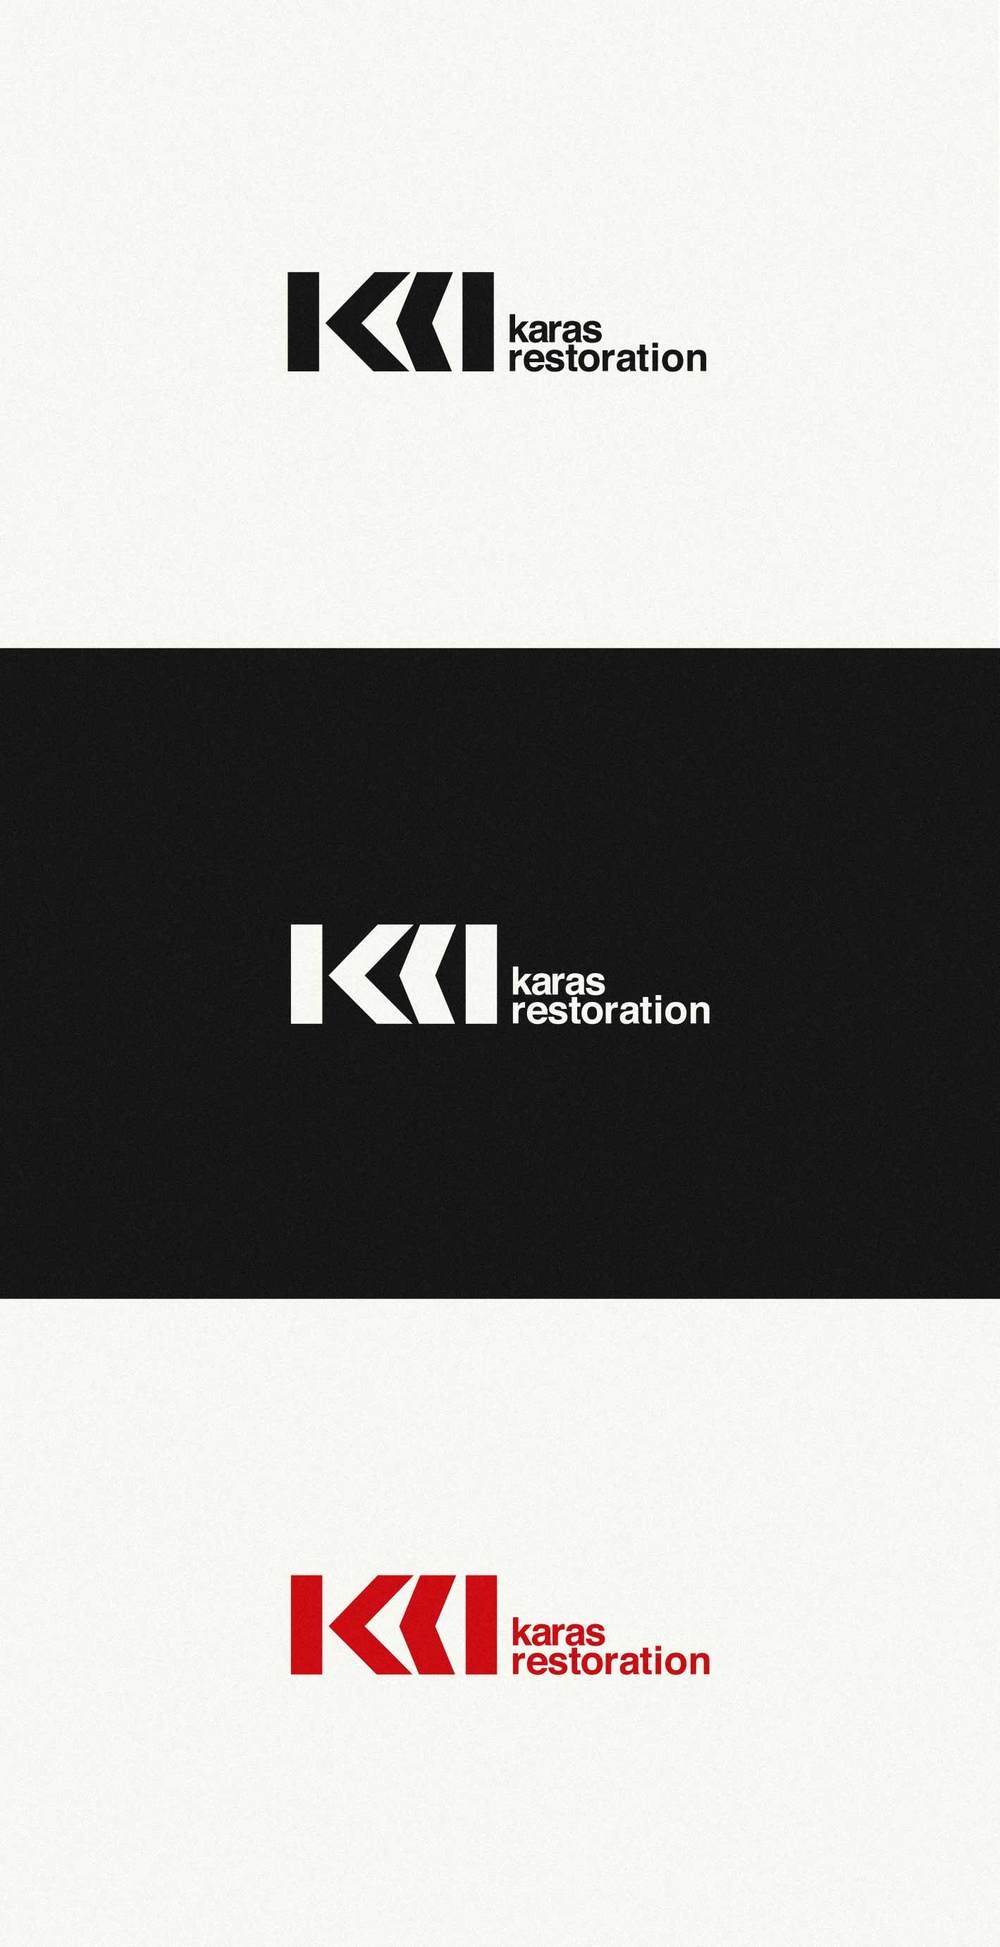 gh_kr_0115_logo_01.jpg